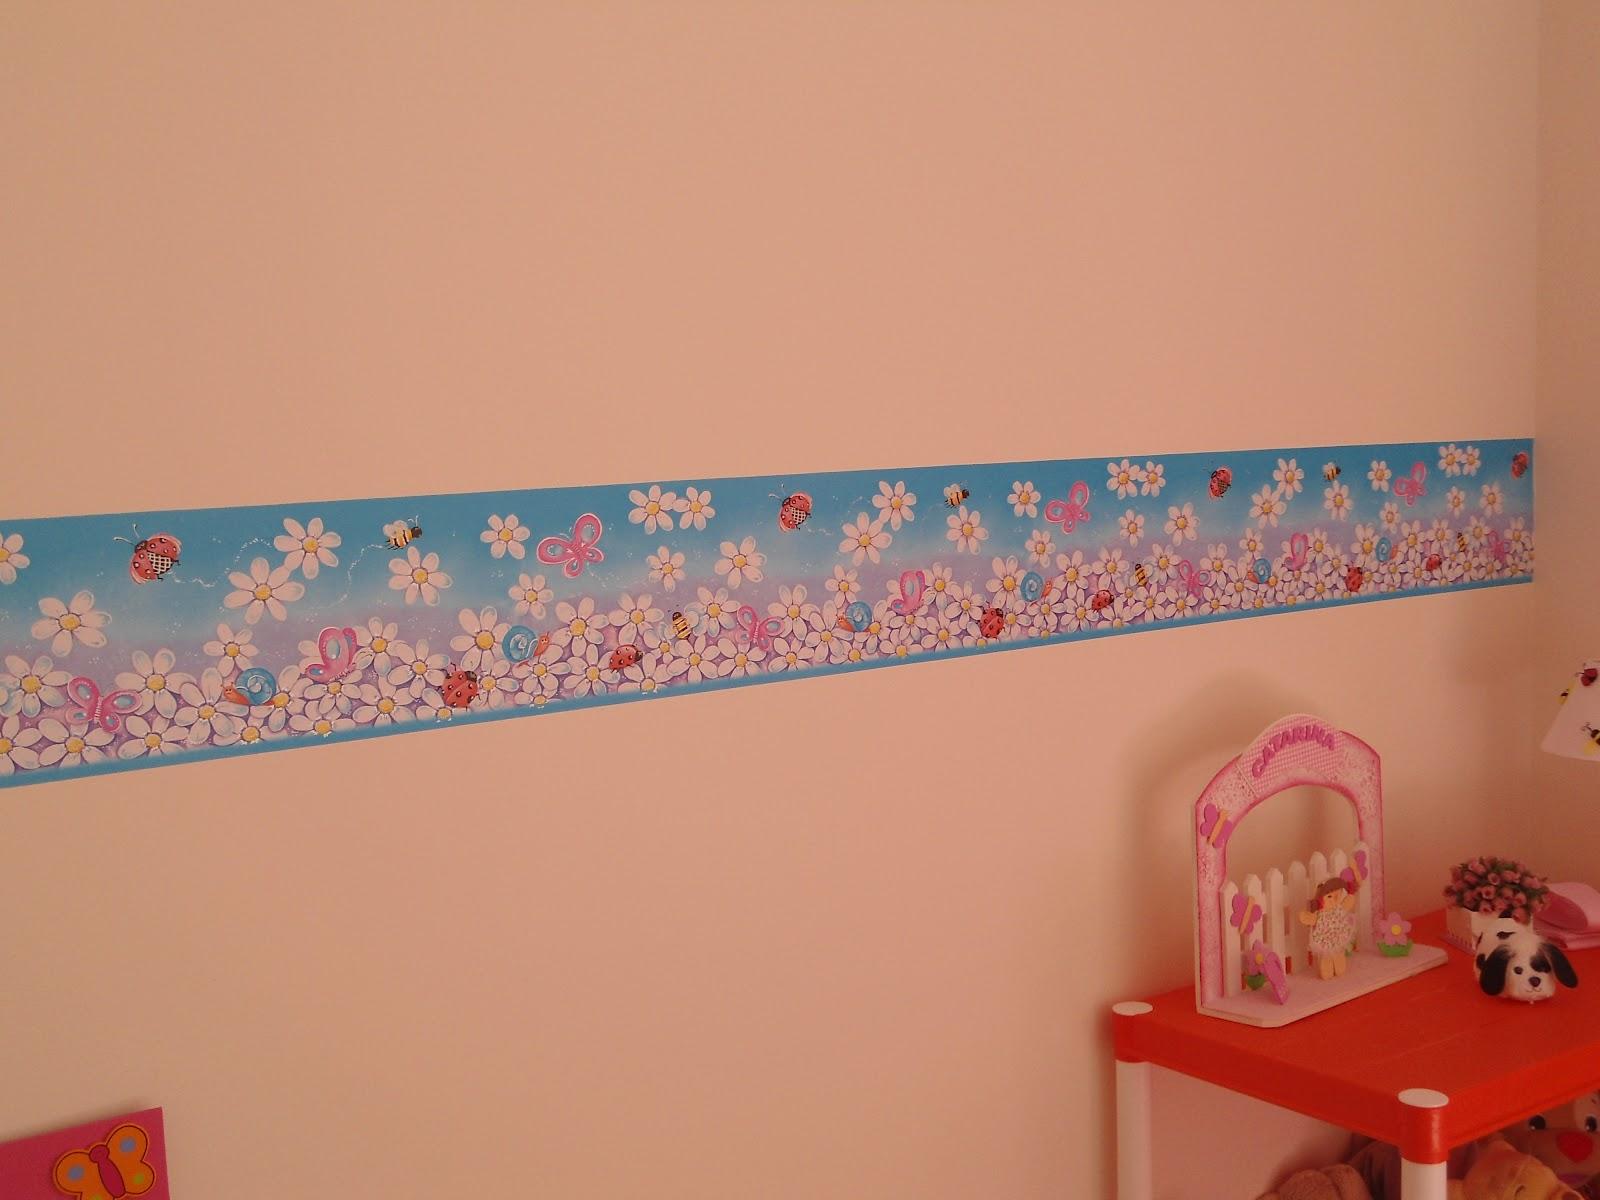 Decorando o quarto das crianças: Transportes pra ele e Jardim pra ela  #B22A18 1600x1200